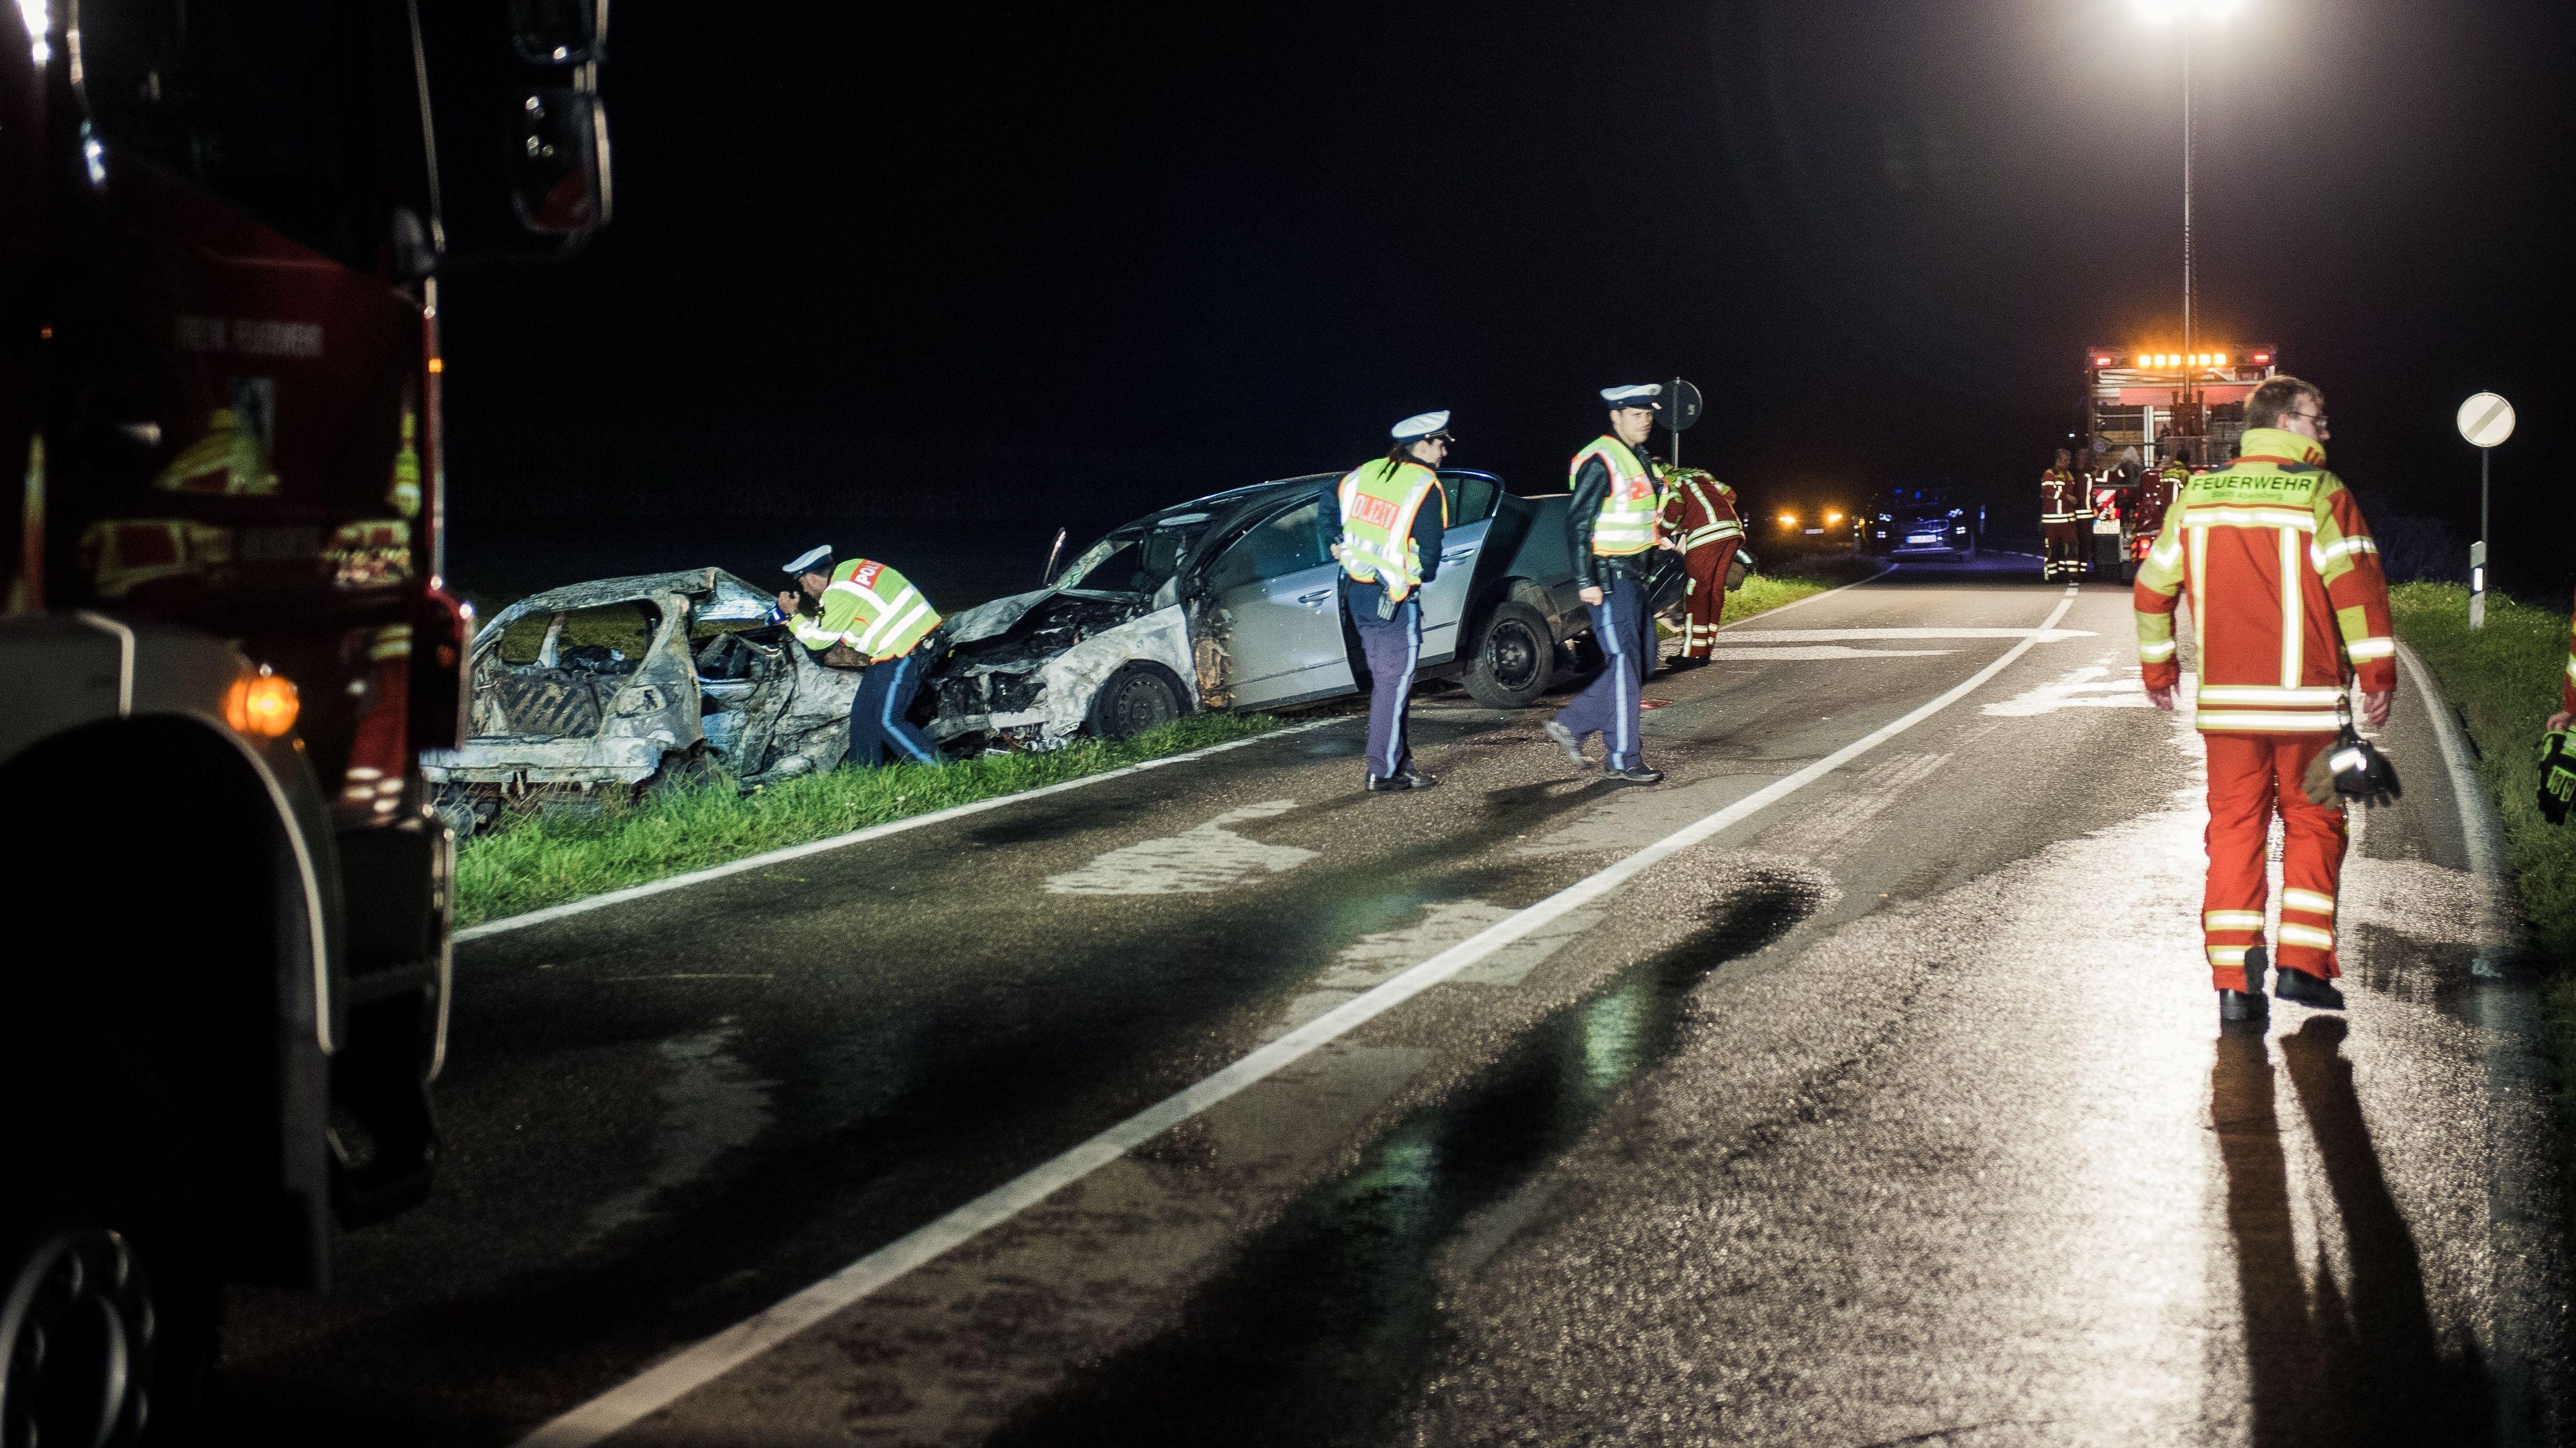 Polizisten nehmen die Unfallstelle mit zwei ausgebrannten Autos in Augenschein